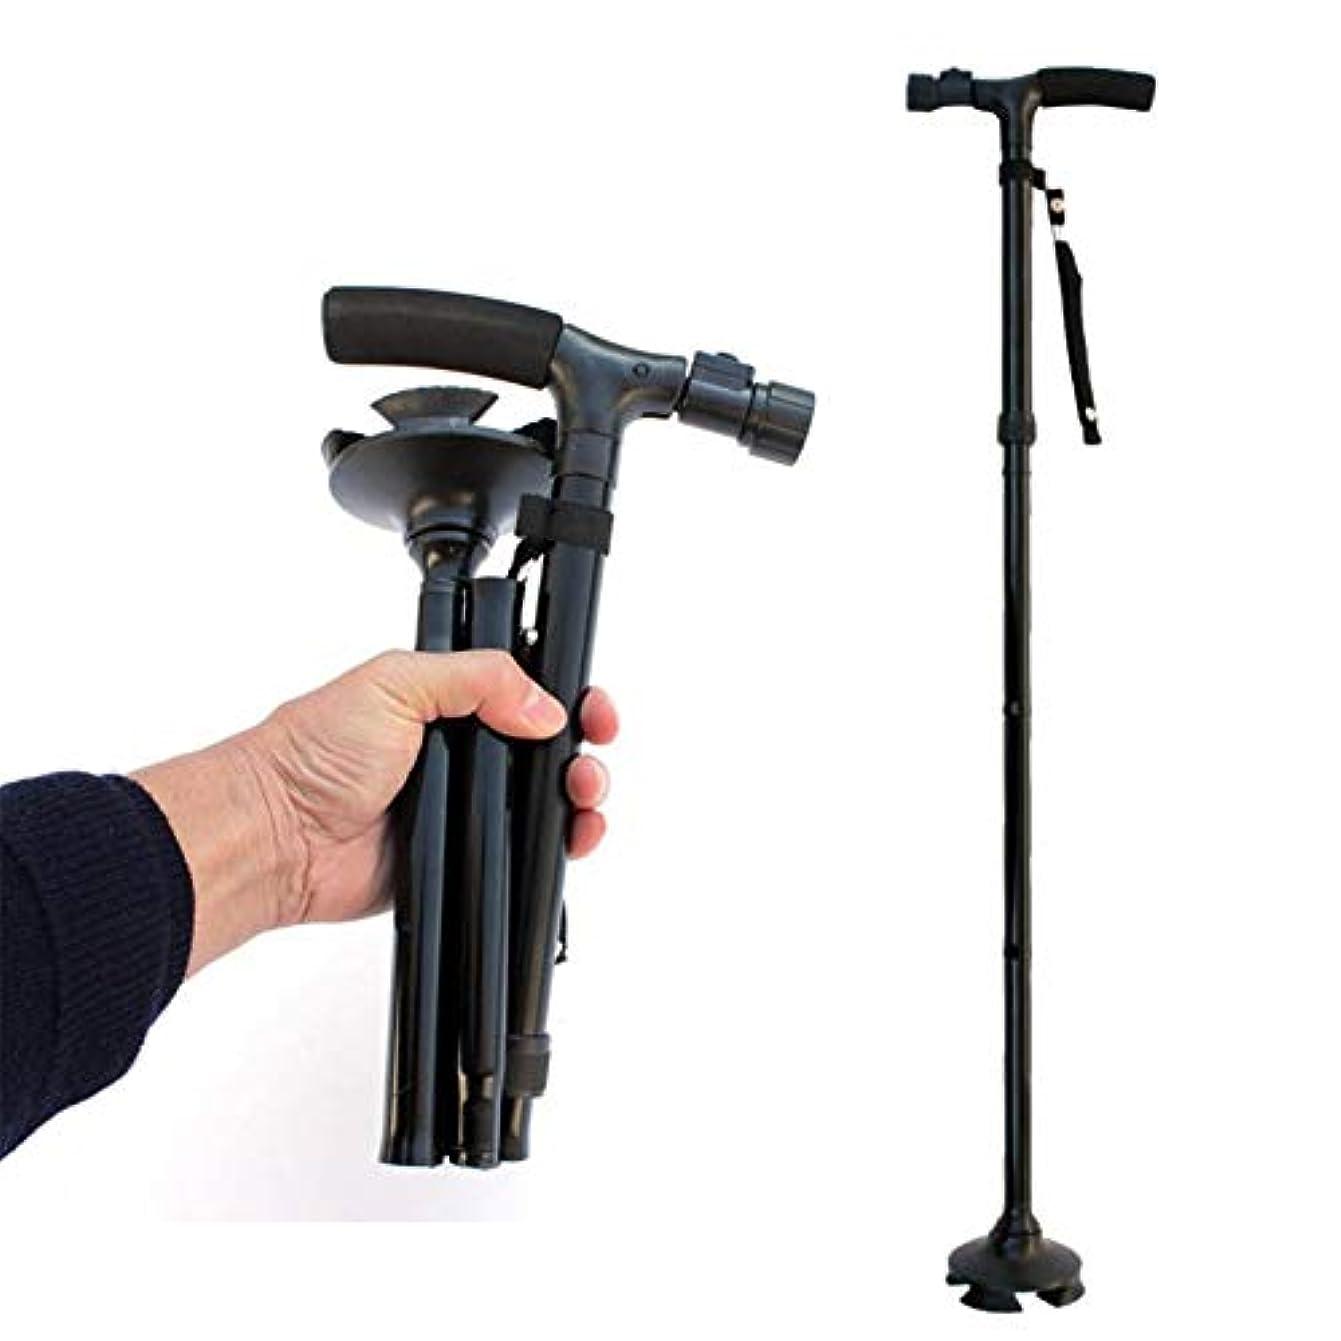 極貧マトロン補償老人杖、アルミ合金折りたたみ杖LEDライト4ヘッドピボットトレッキング杖安全杖